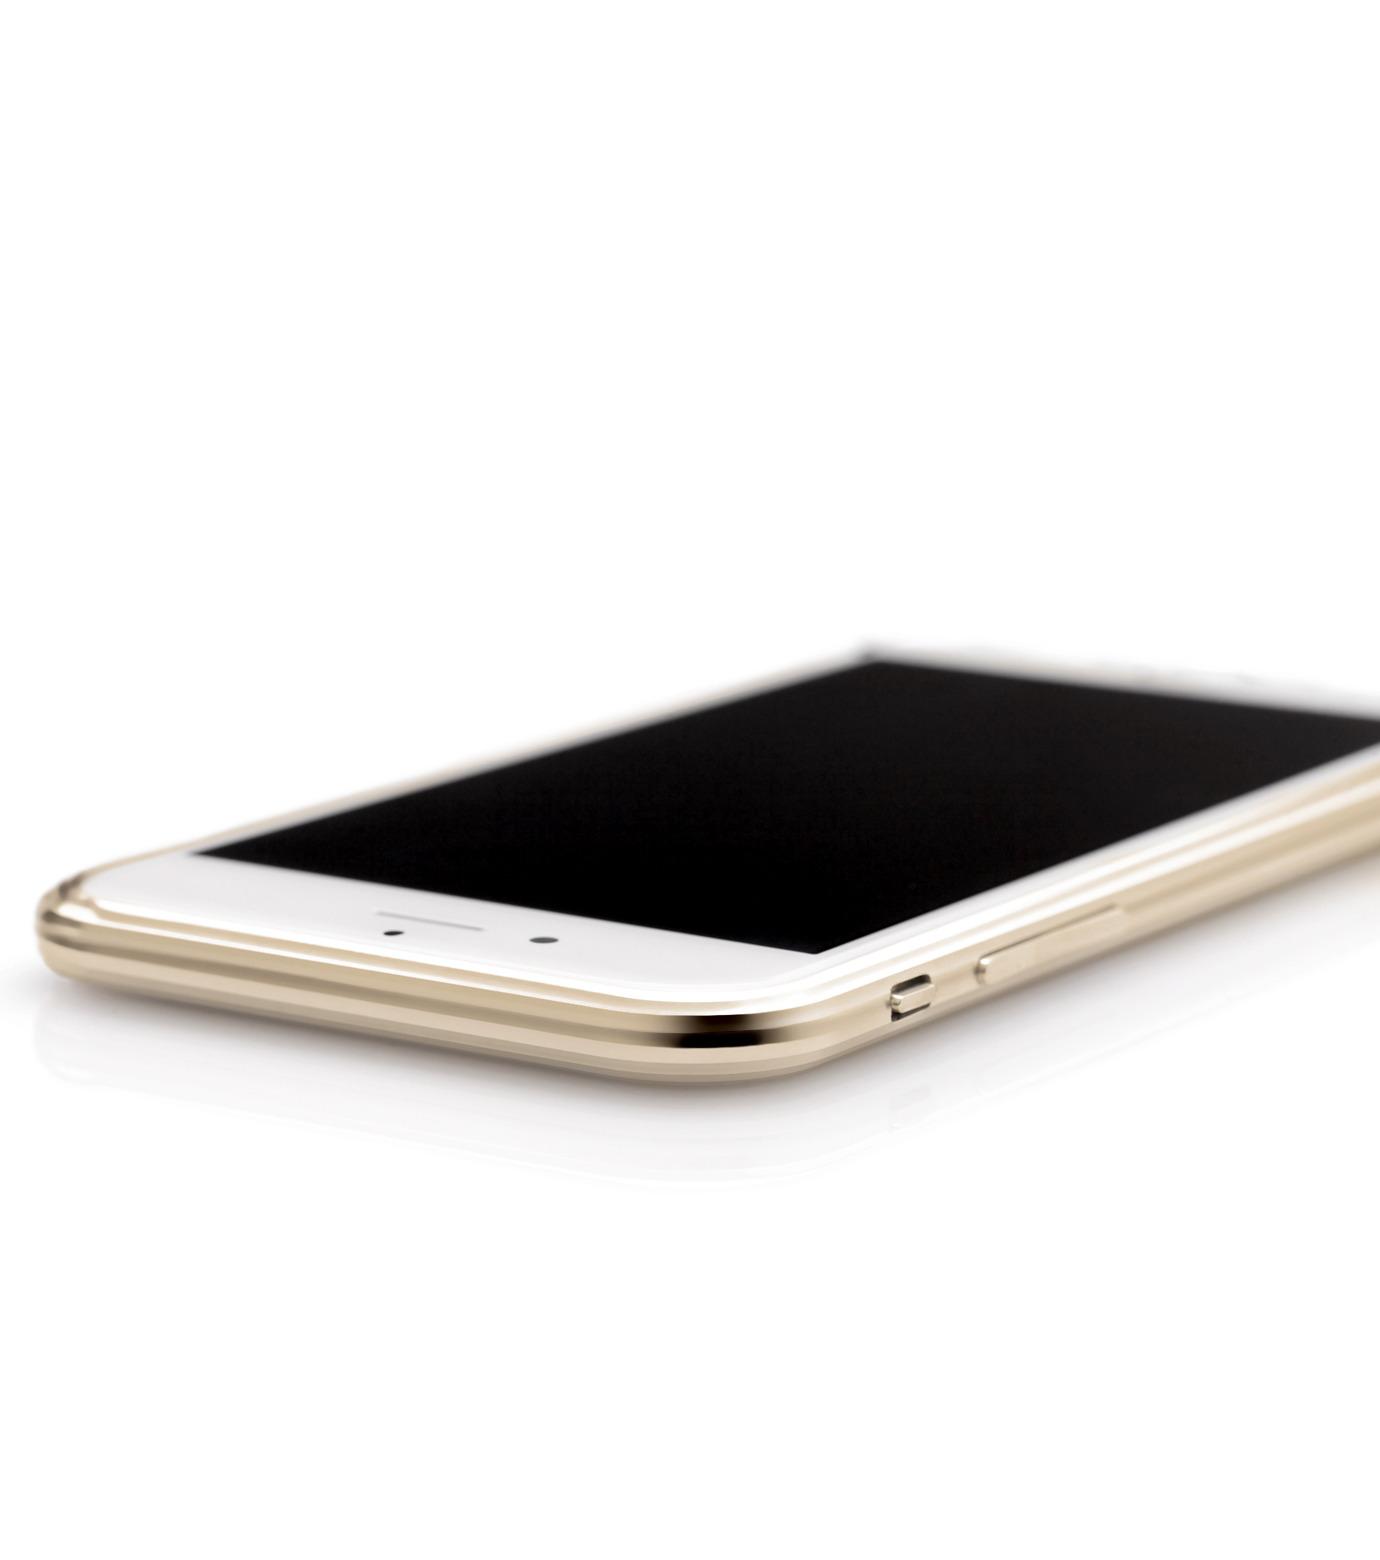 SQUAIR(スクエア)のThe Dimple for iPhone6s plus-GOLD(ケースiphone6plus/6splus/case iphone6plus/6splus)-SQDMP630-GLD-2 拡大詳細画像4